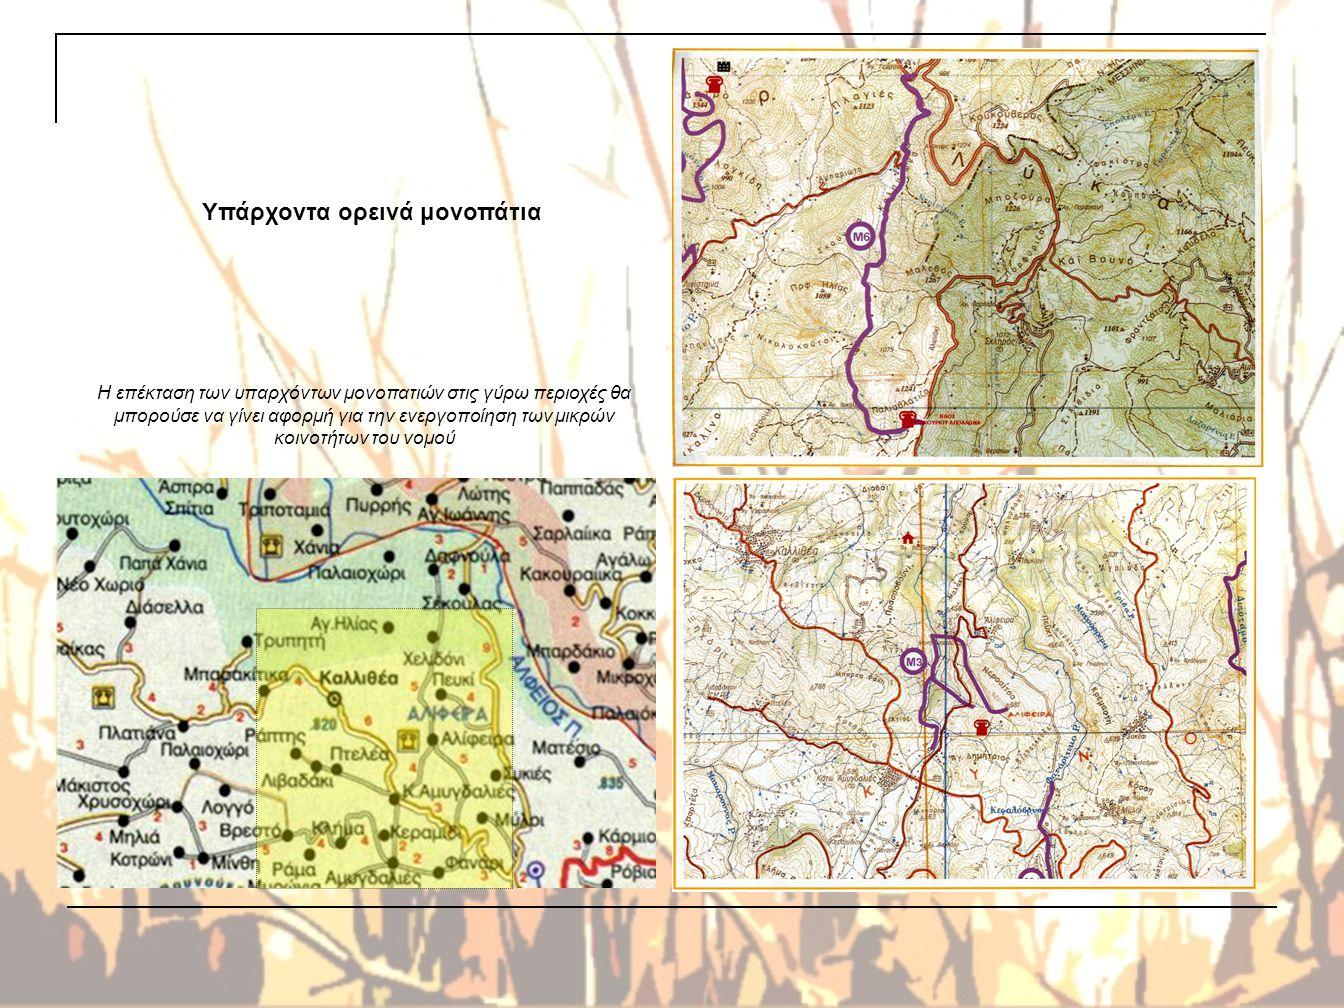 Υπάρχοντα ορεινά μονοπάτια Η επέκταση των υπαρχόντων μονοπατιών στις γύρω περιοχές θα μπορούσε να γίνει αφορμή για την ενεργοποίηση των μικρών κοινοτή